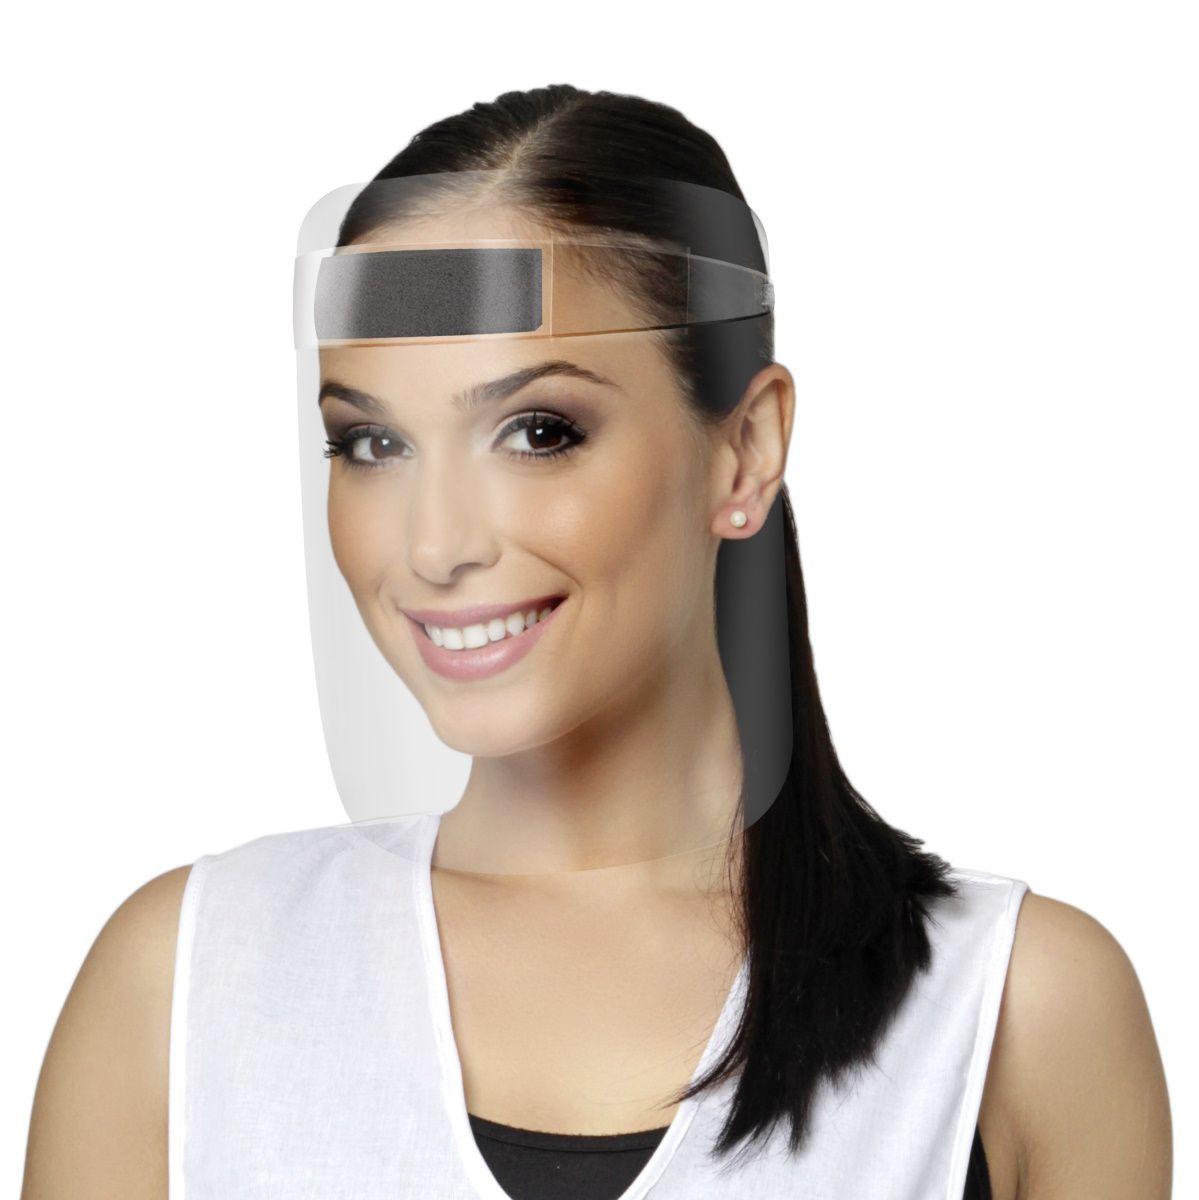 Máscara Facial Protetora Anti Respingos e Gotículas - Santa Clara EAN 7897169253469